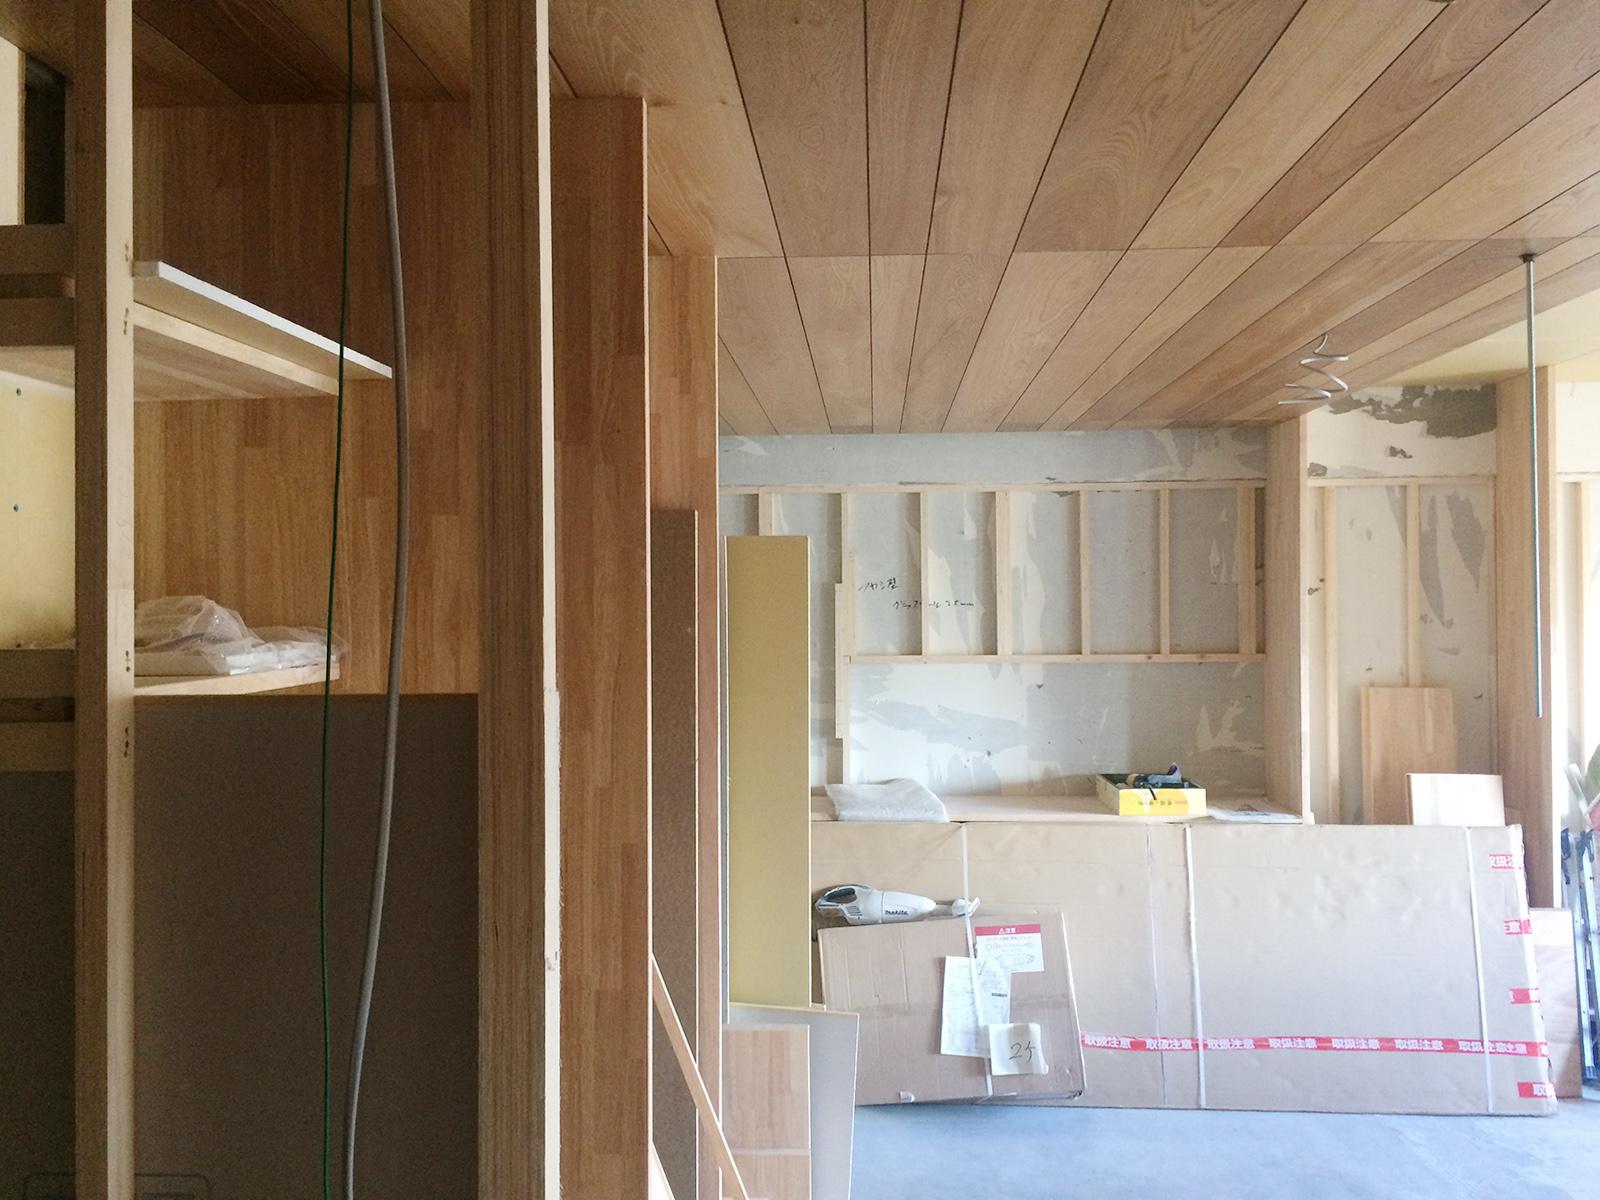 堺市 なかもずマンションのリノベーション(キッチン)